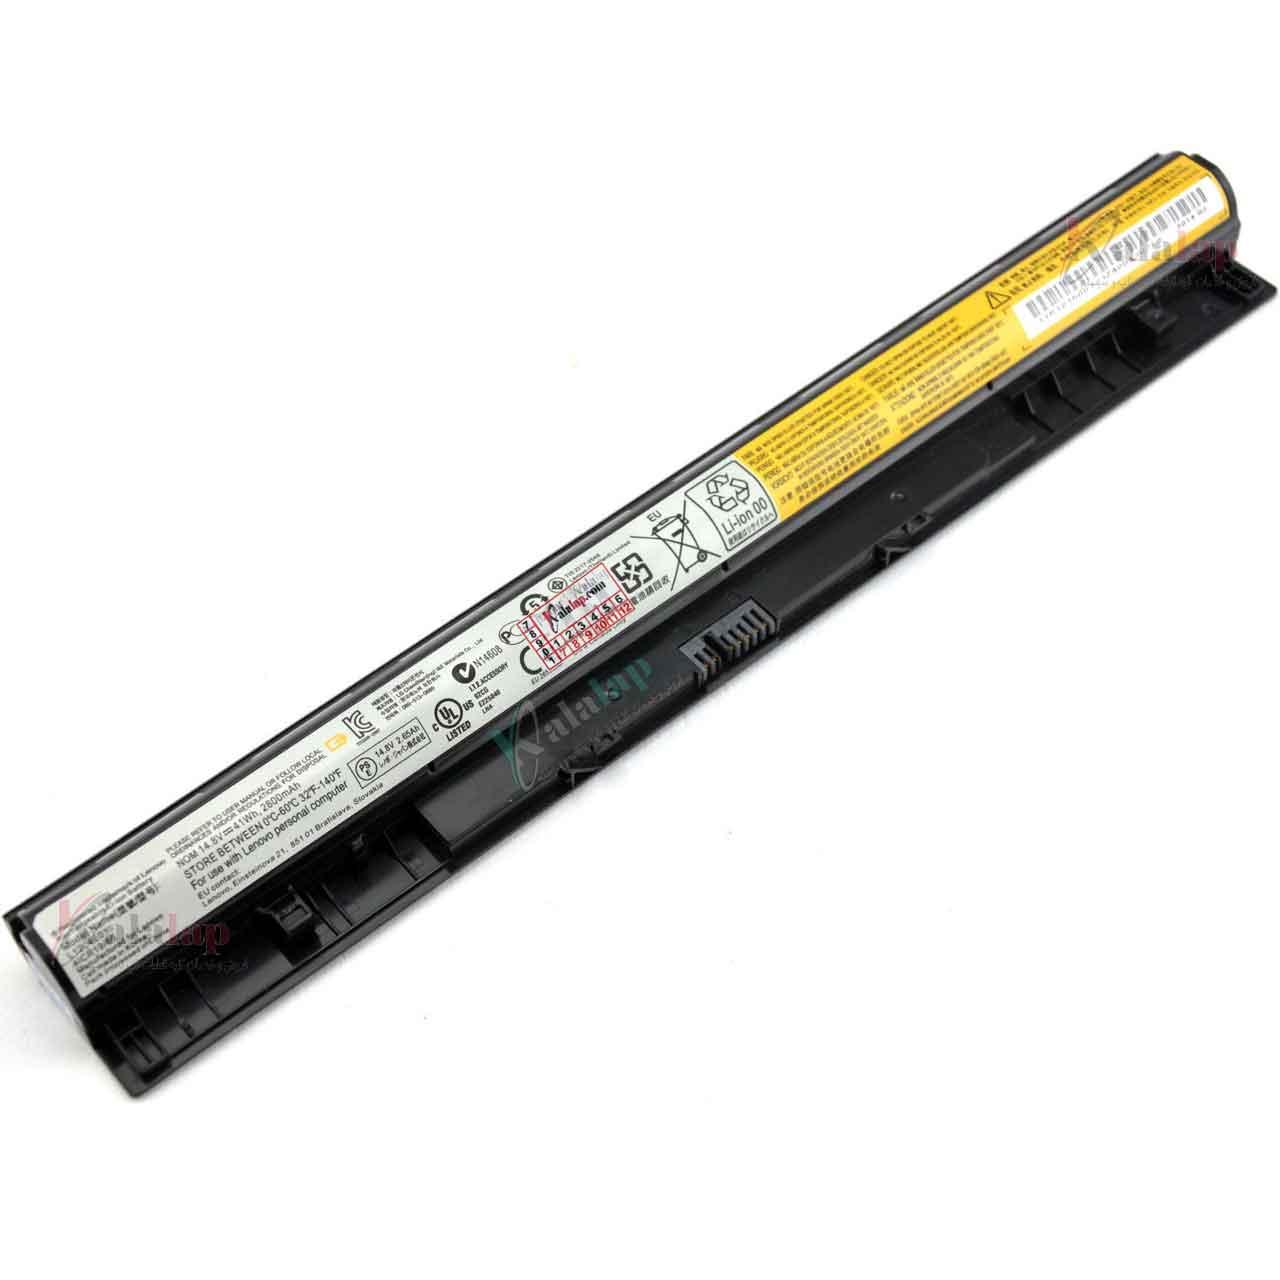 باتری لپ تاپ لنوو Battery Laptop Lenovo G500s